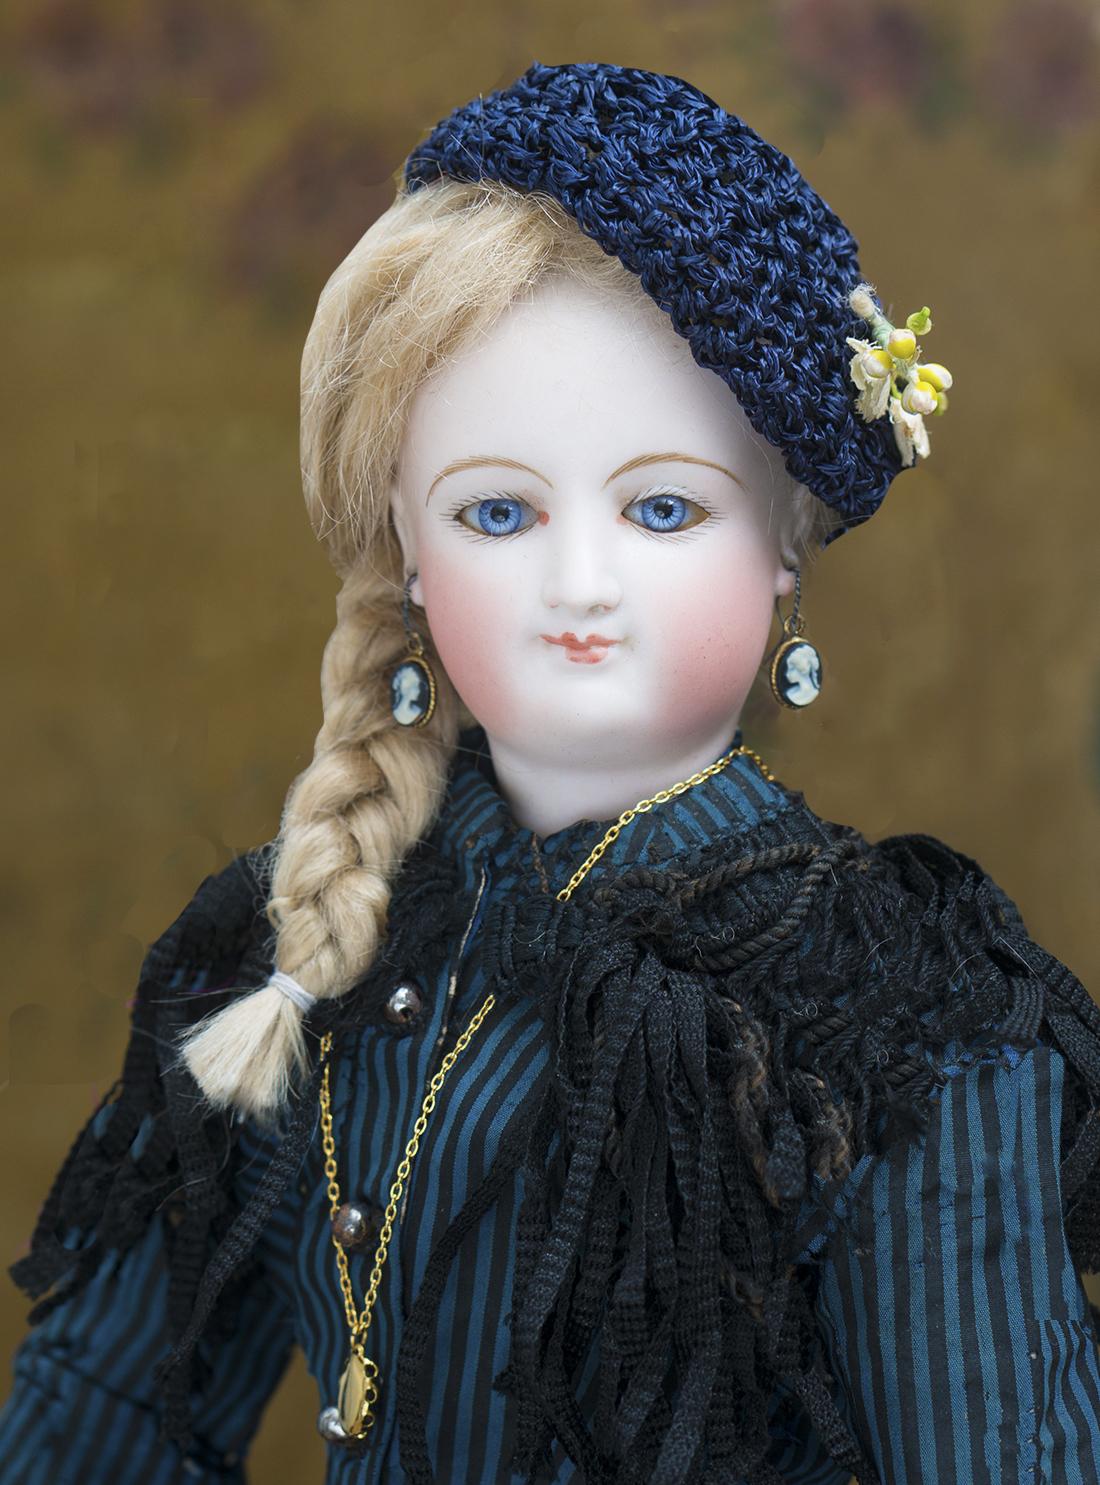 Модная кукла Улыбящаяся Брю Mona Lisa  37 см  в оригинальном платье